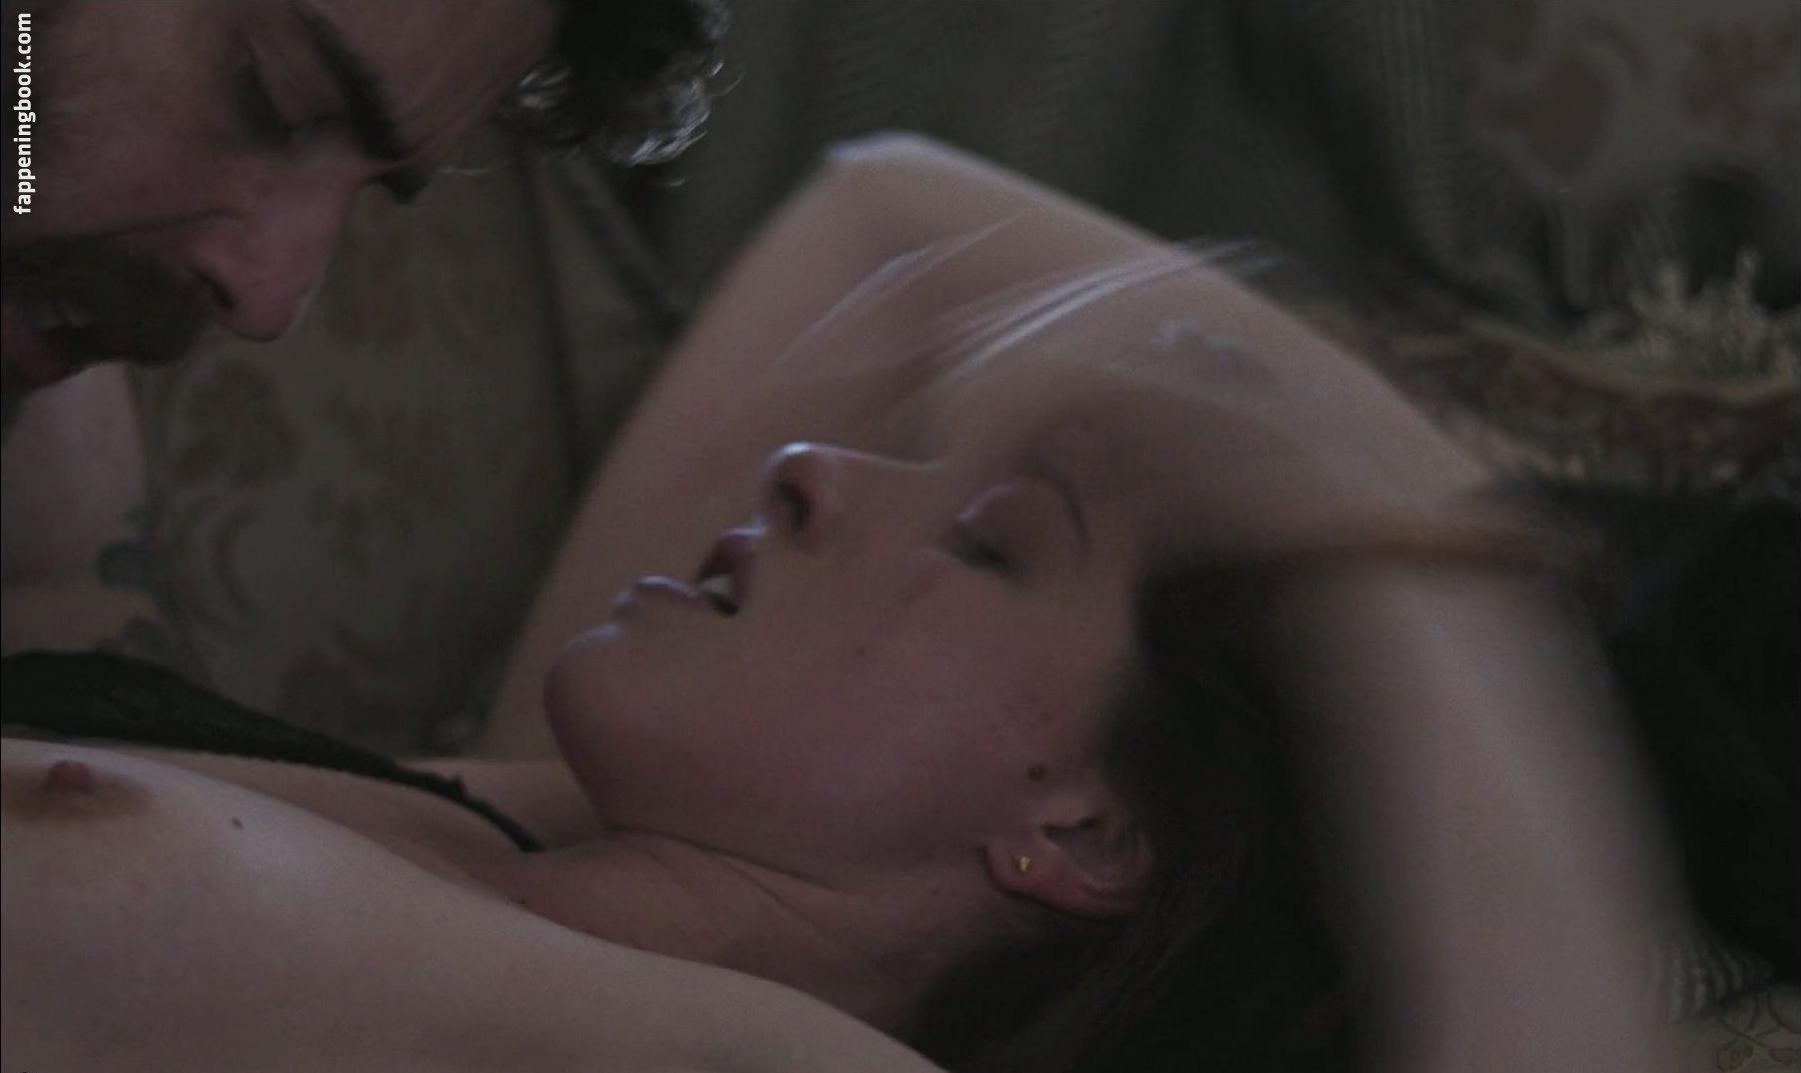 Nackt evelyn opela Evelyn Opela